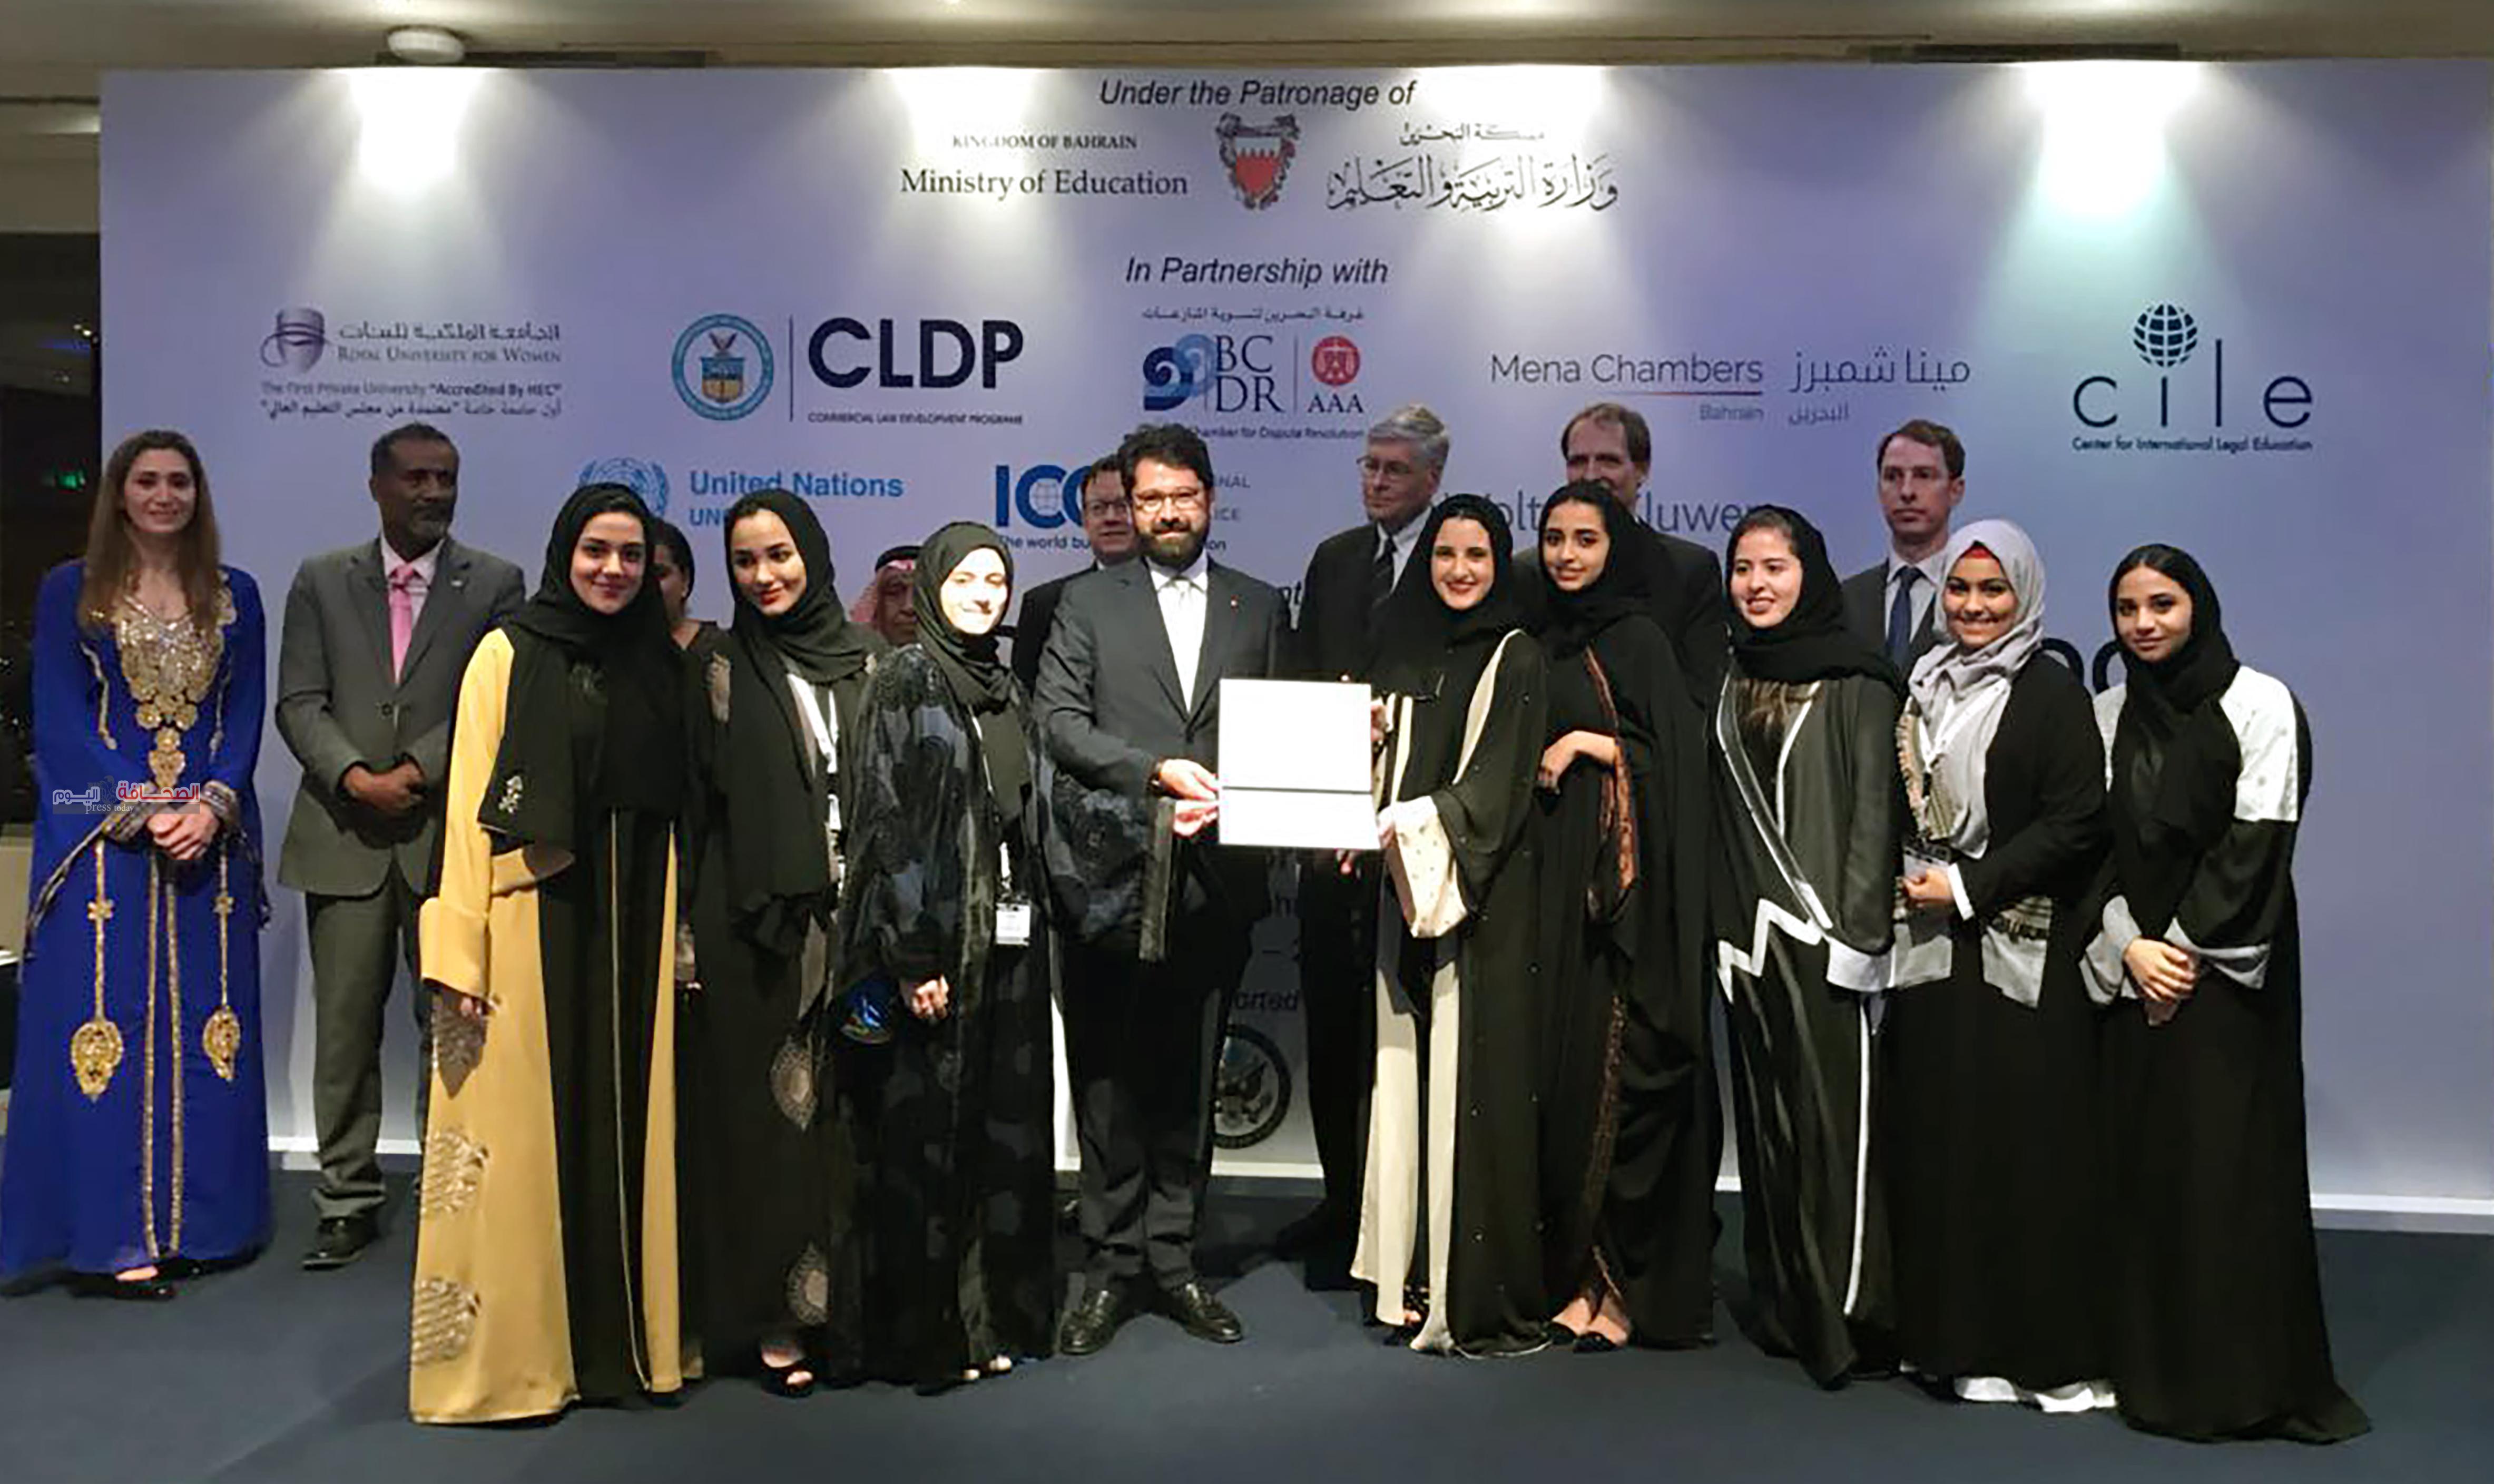 جامعة دار الحكمة تفوز بمسابقة (وليم فيس) التحضيرية في التحكيم التجاري الدولي لدول الشرق الأوسط